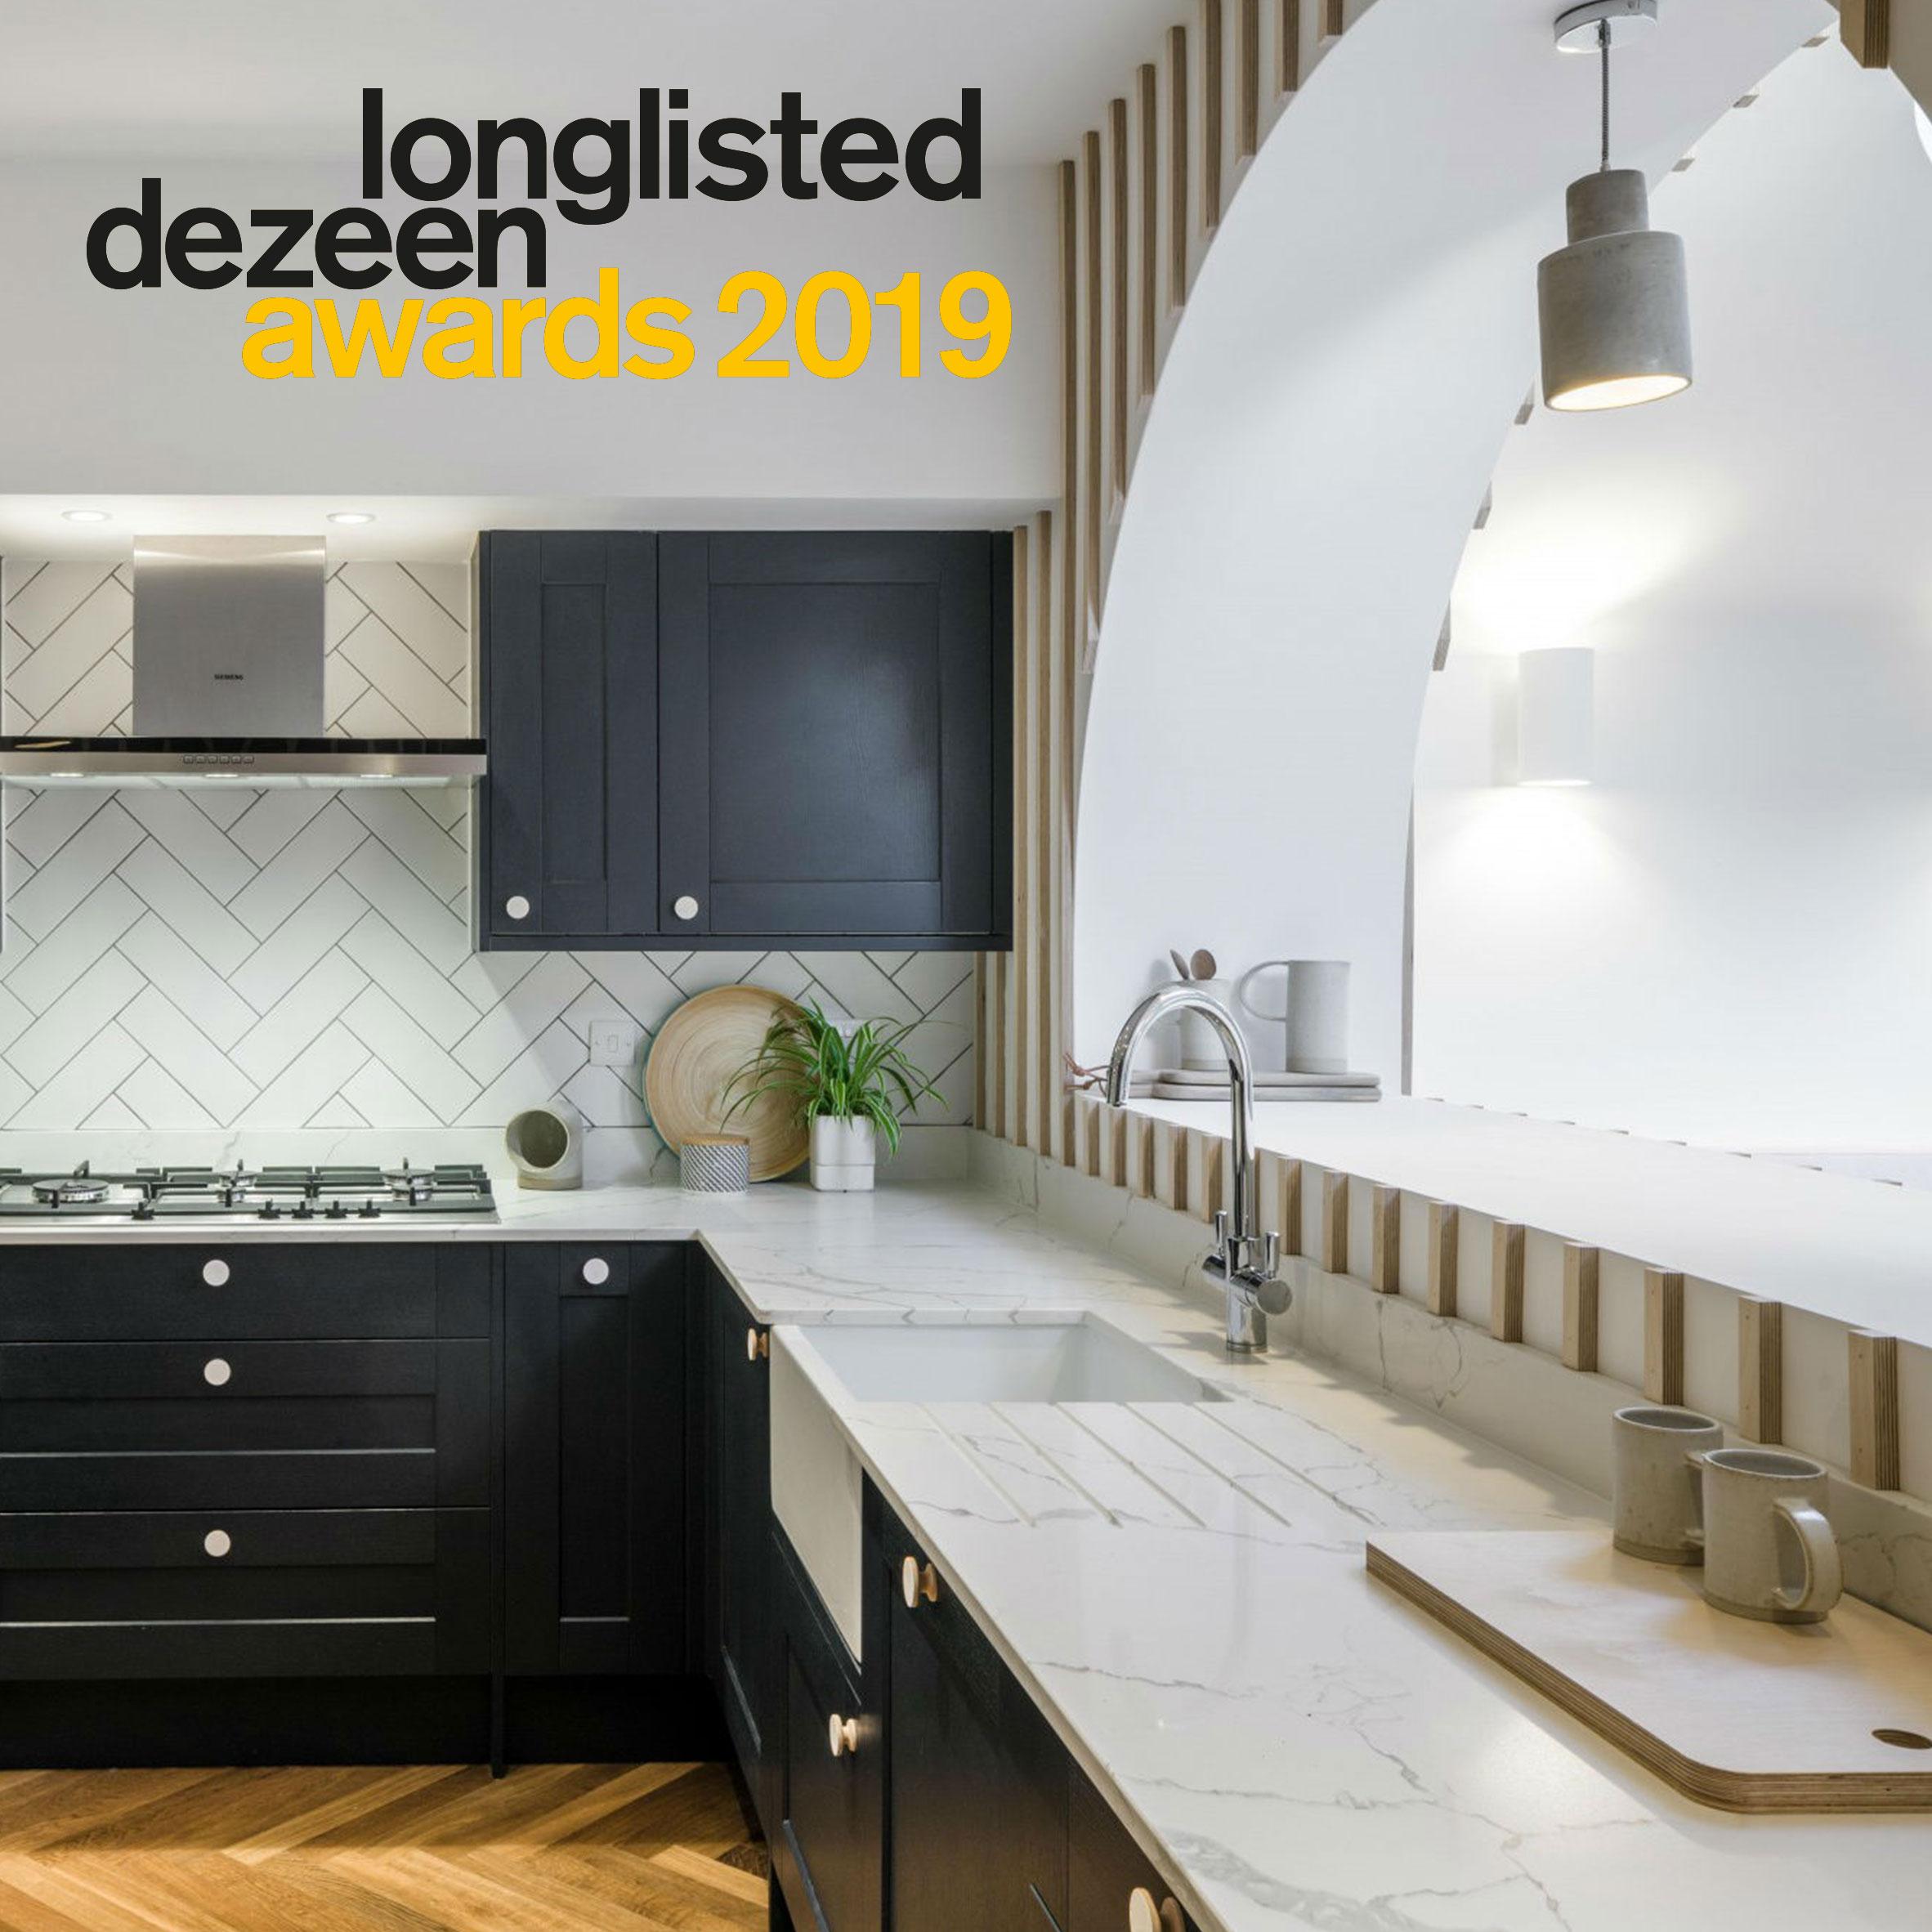 dezeen-awards-2019-longlist-green-house.jpg